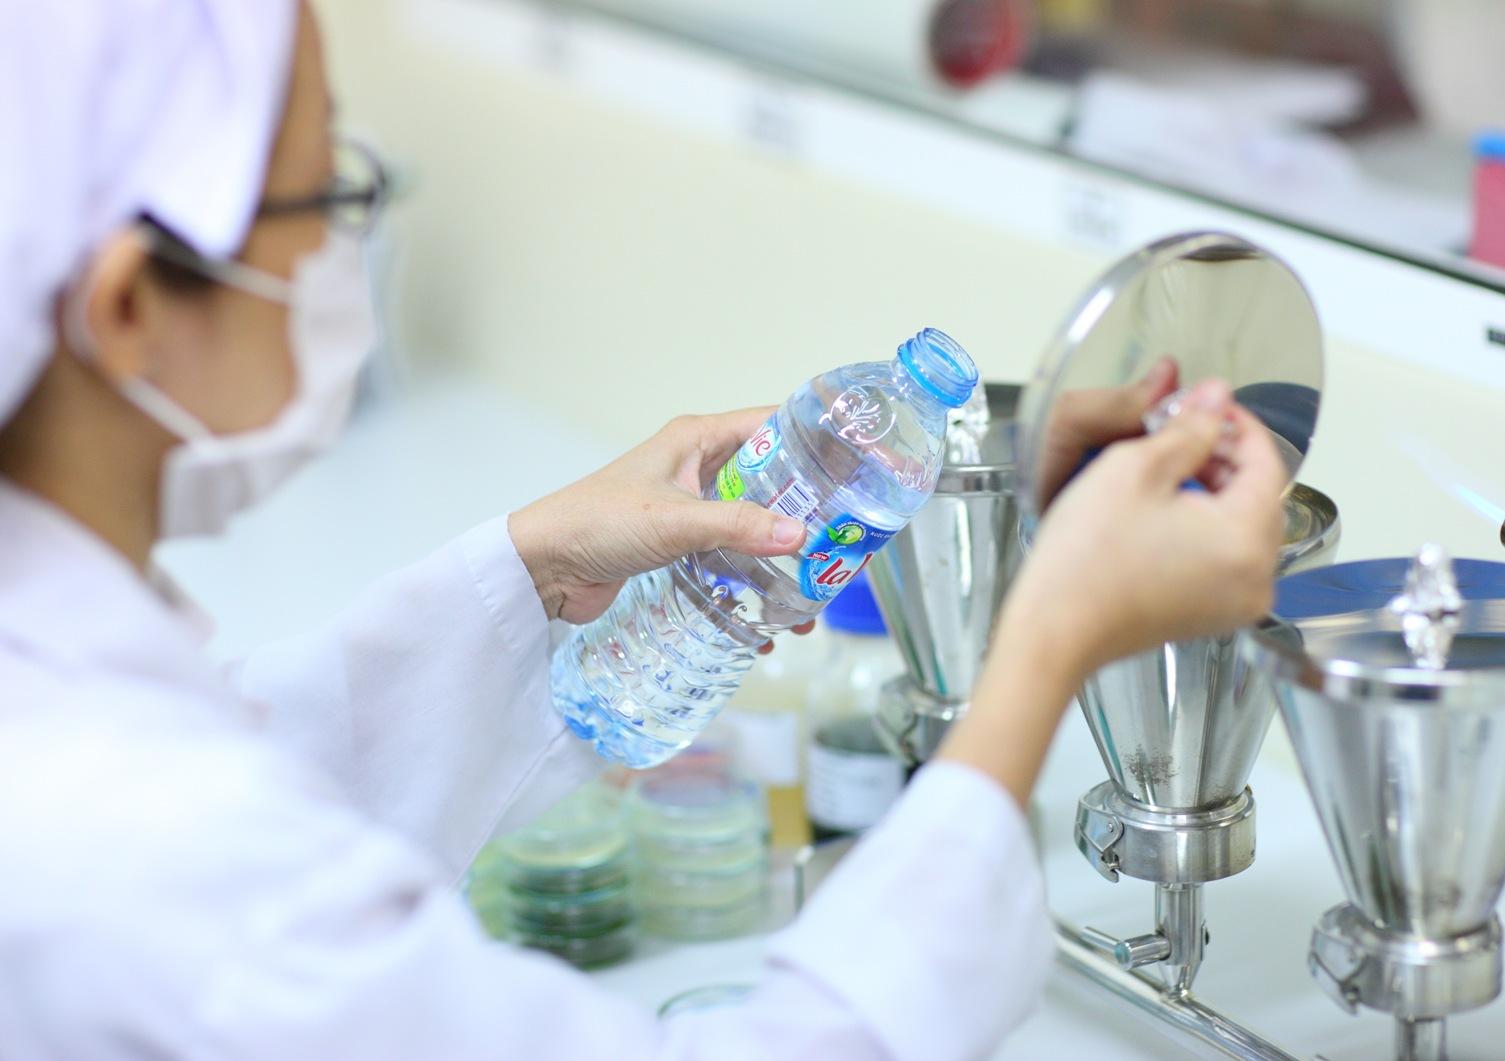 La Vie được Nestle Waters cam kết chất lượng bằng giải pháp  InfinityQS